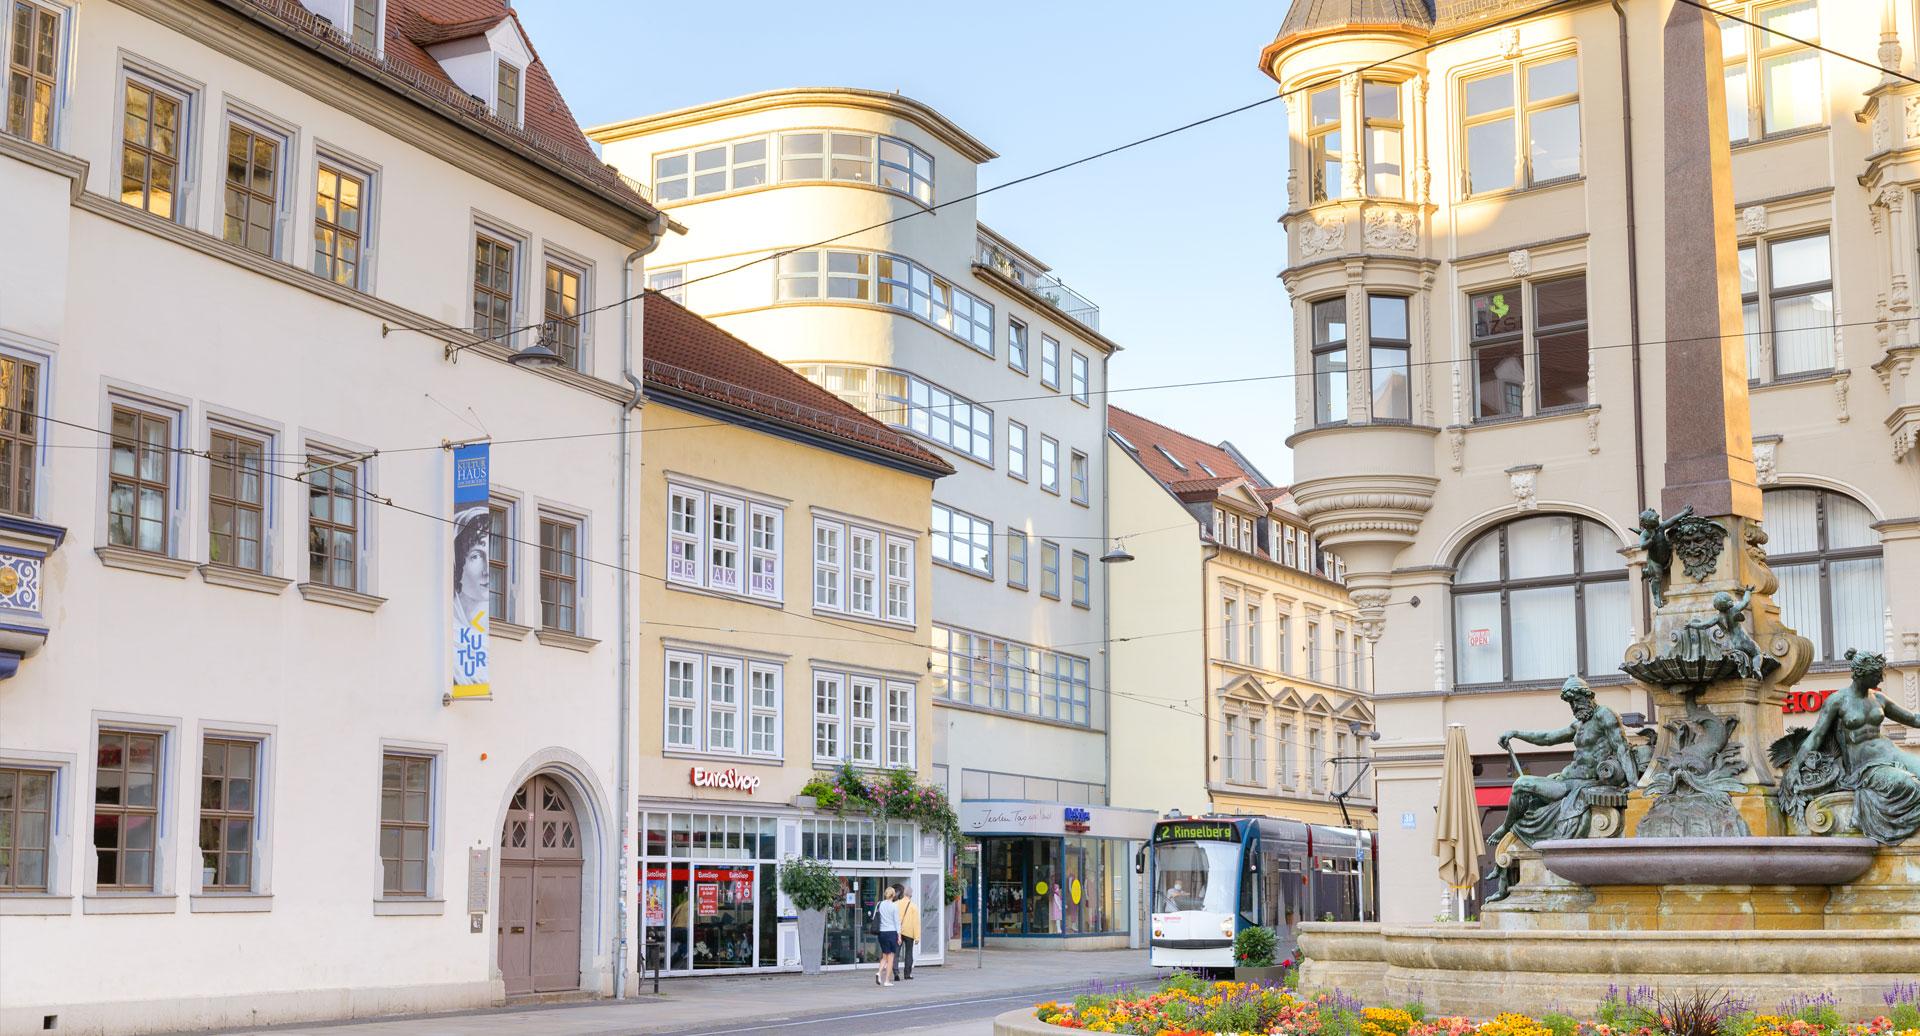 Zentrum innere Mitte - Praxis für Kinder- und Jugendpsychologie in Erfurt